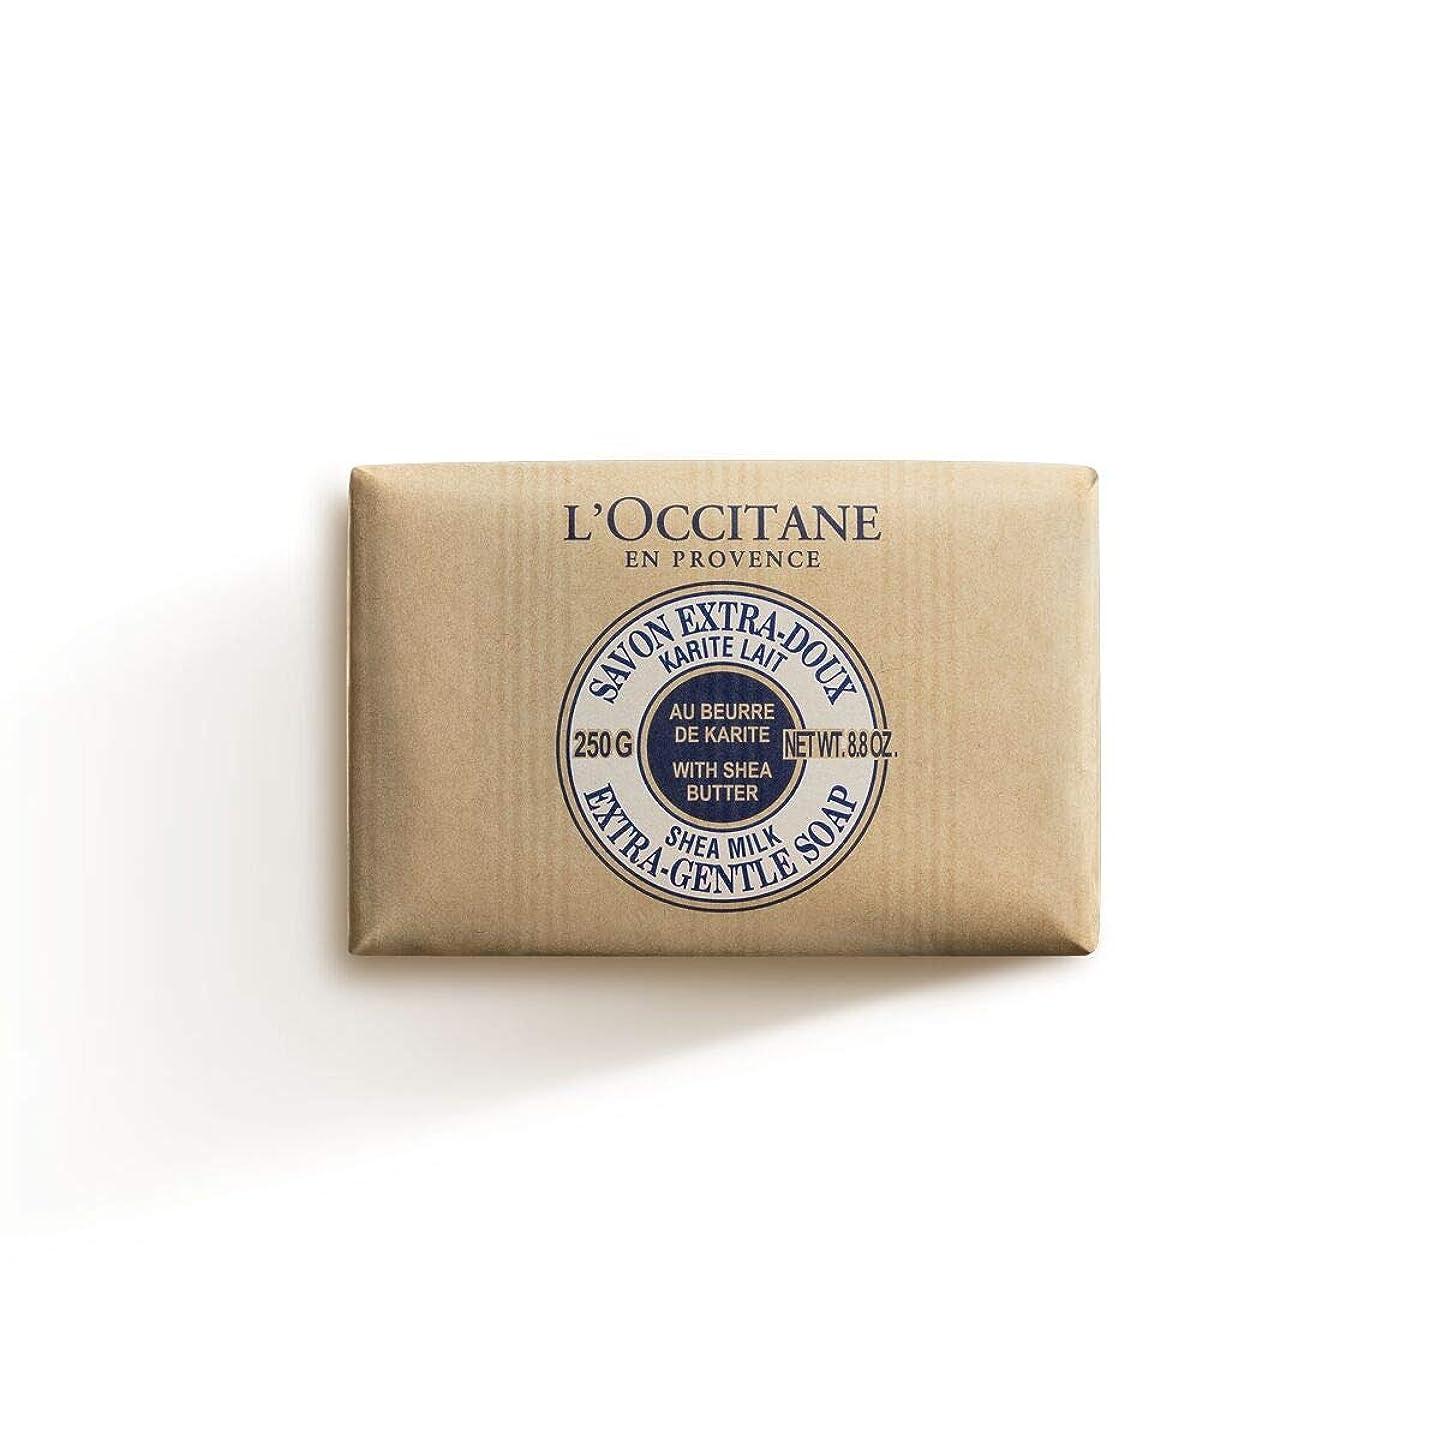 最大限セマフォ偽物ロクシタン(L'OCCITANE) シアバターソープ 250g ミルク